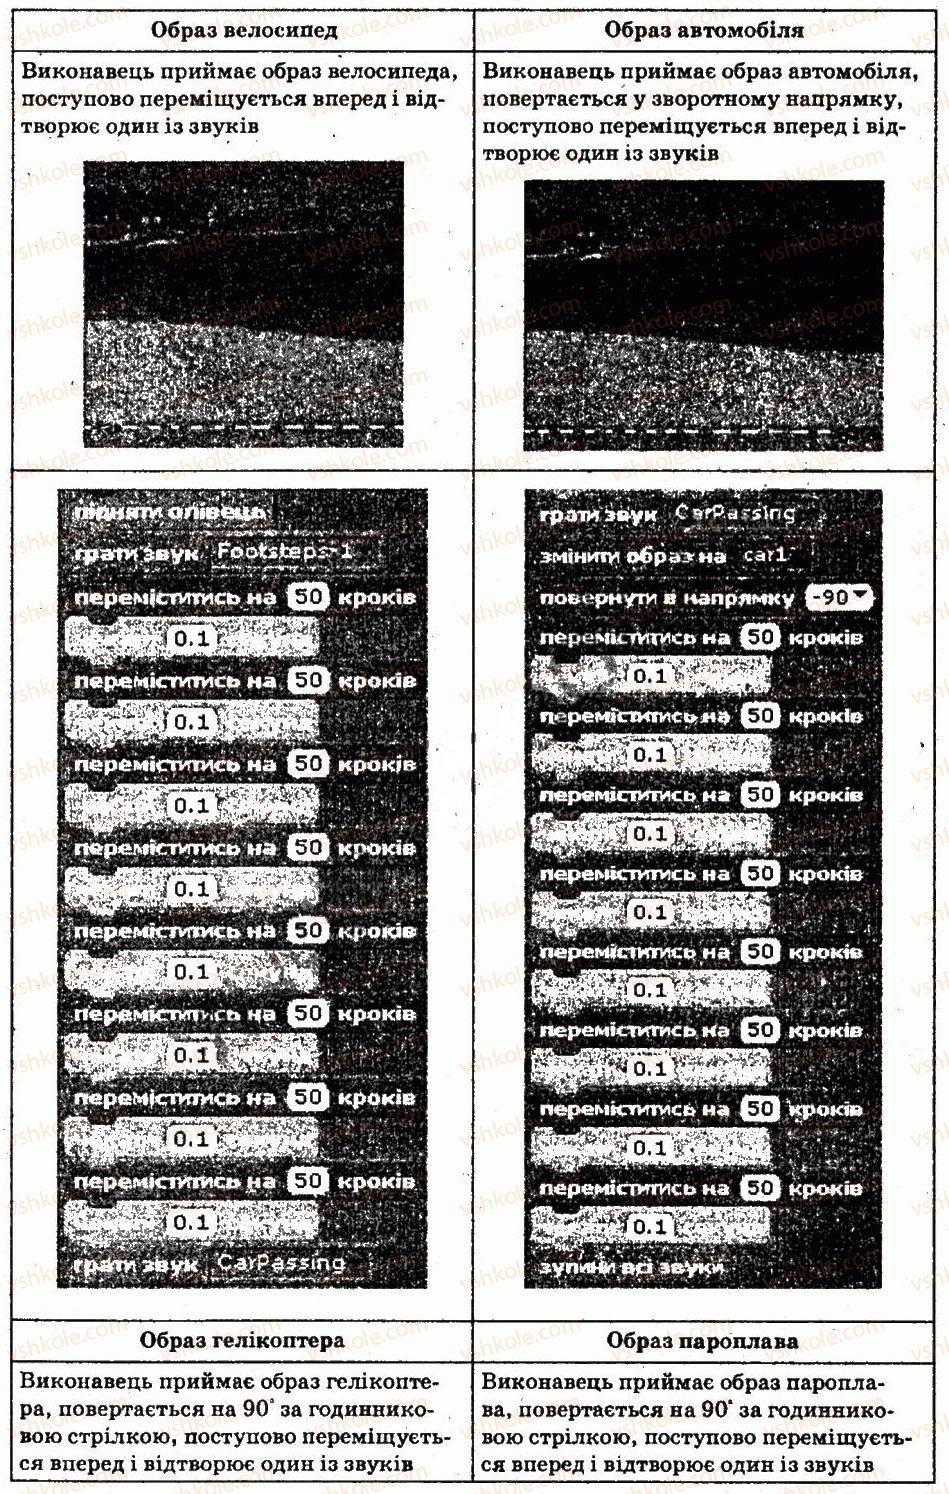 6-informatika-jya-rivkind-ti-lisenko-la-chernikova-vv-shakotko-2014--rozdil-1-algoritmi-ta-yih-vikonavtsi-15-algoritmi-v-nashomu-zhitti-planuvannya-diyalnosti-zavdannya-4-rnd4699.jpg